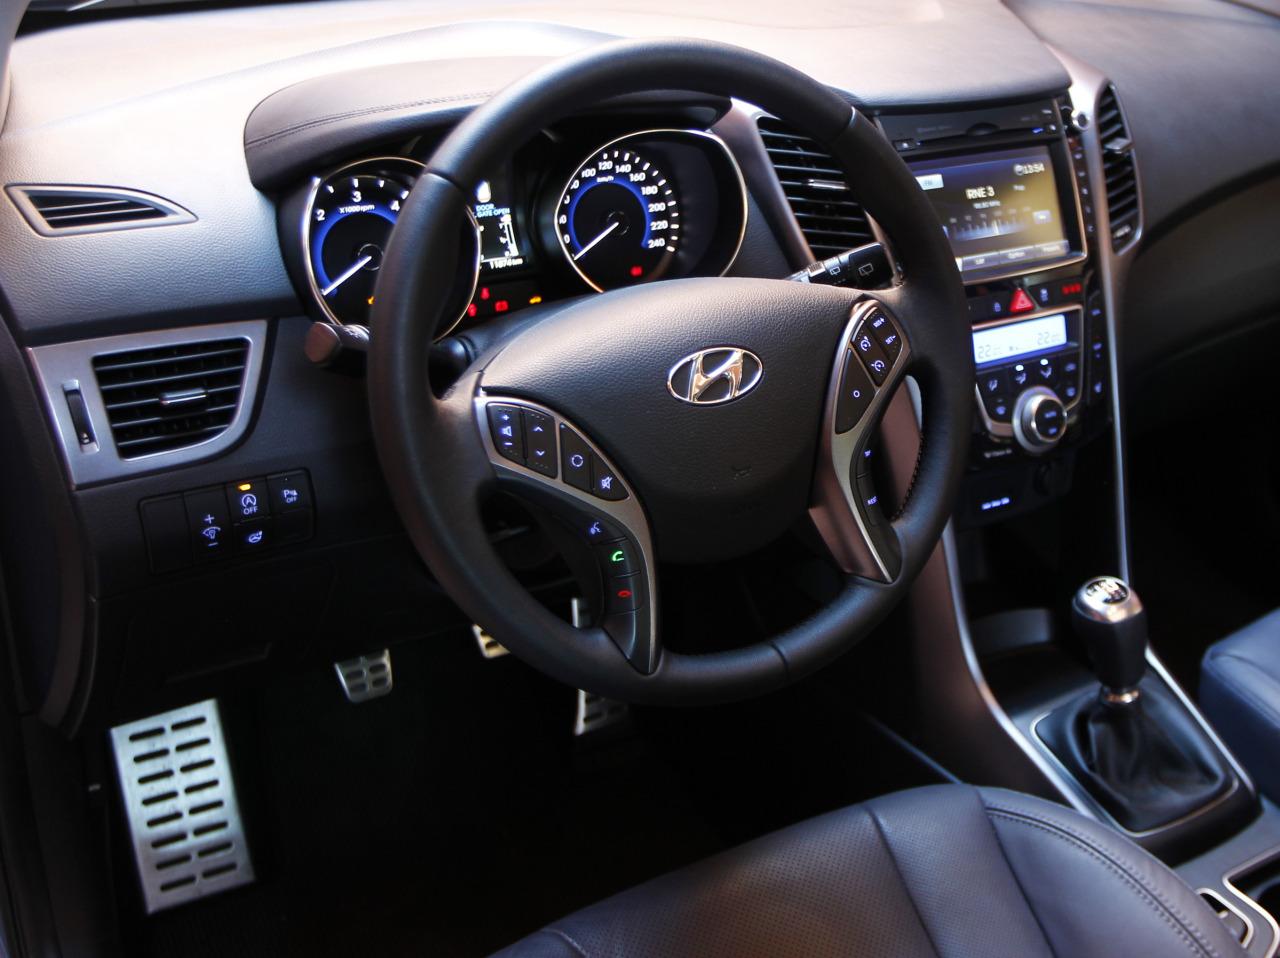 Novo Hyundai I30 CW Fotos E Preos Na Europa CARBLOGBR